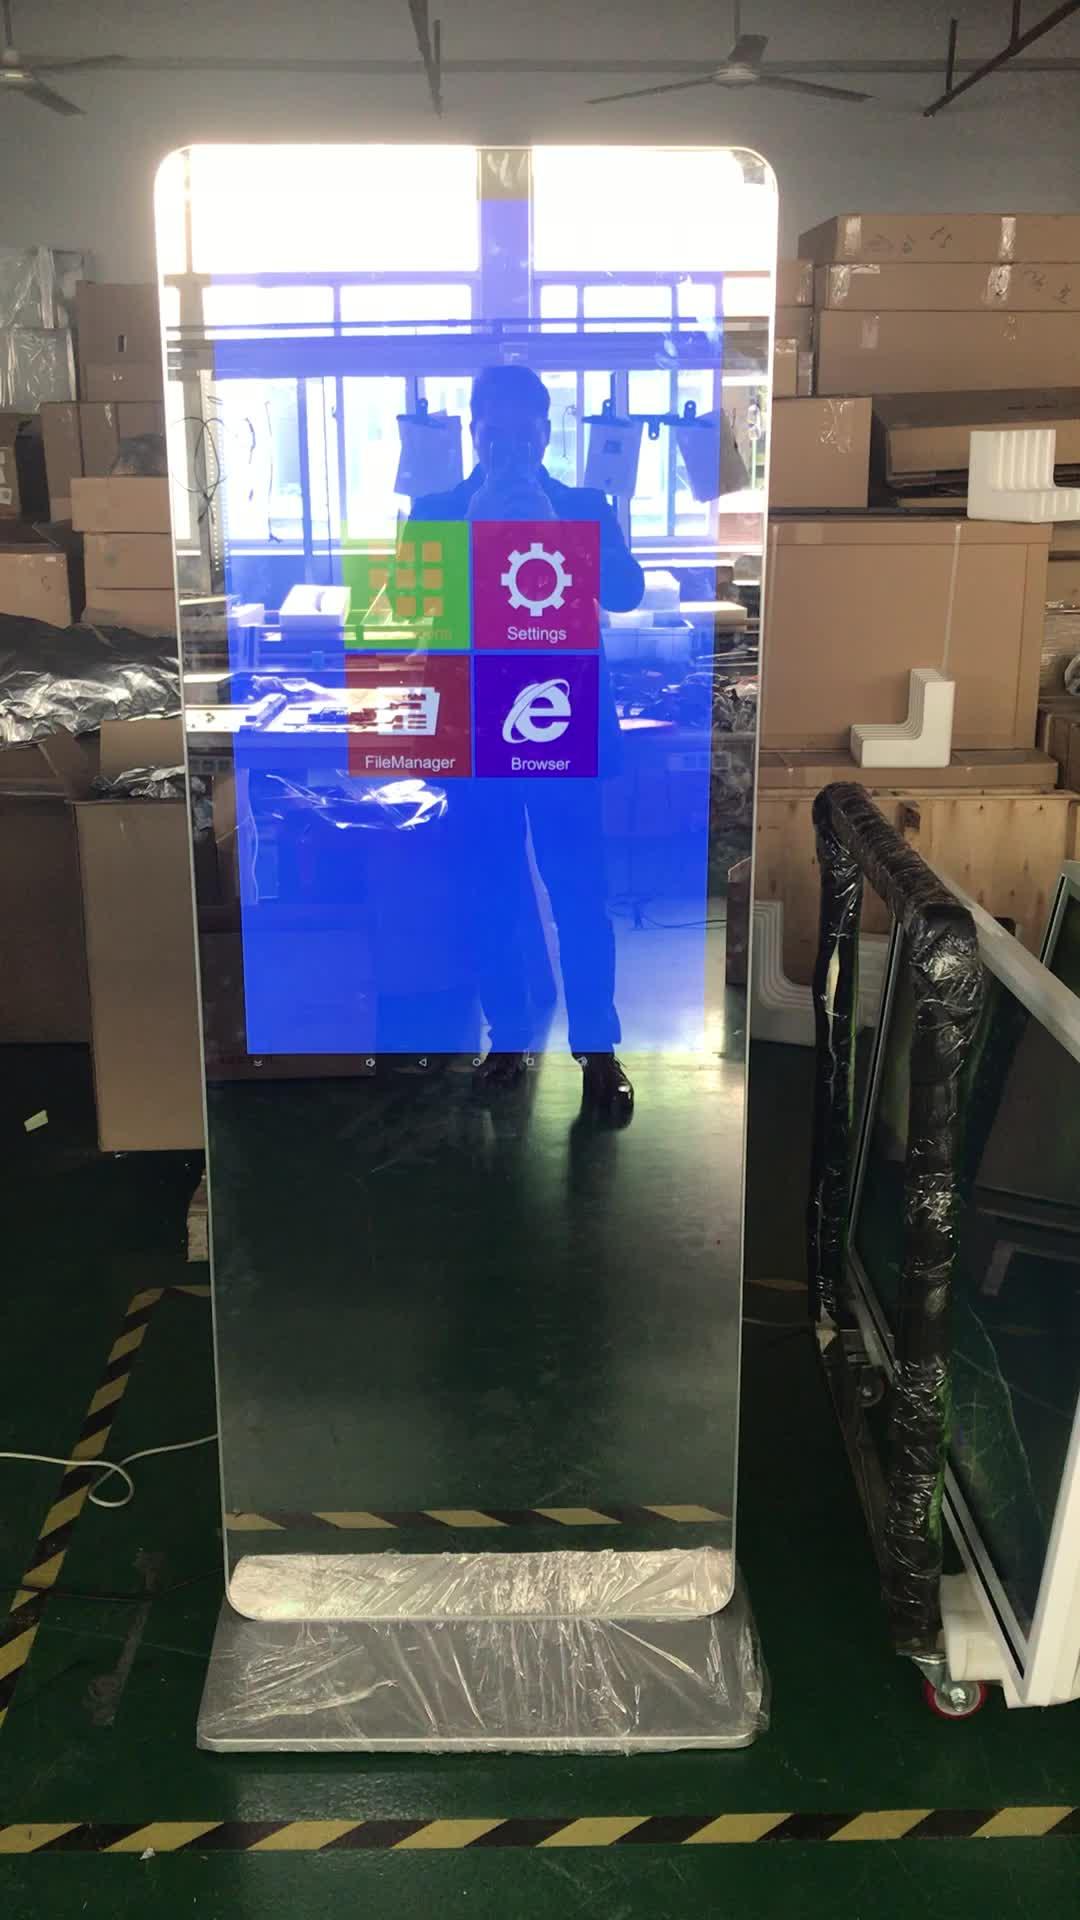 43 นิ้ว LCD Interactive กระจกสมาร์ท Android Touch Screen สำหรับโฆษณา